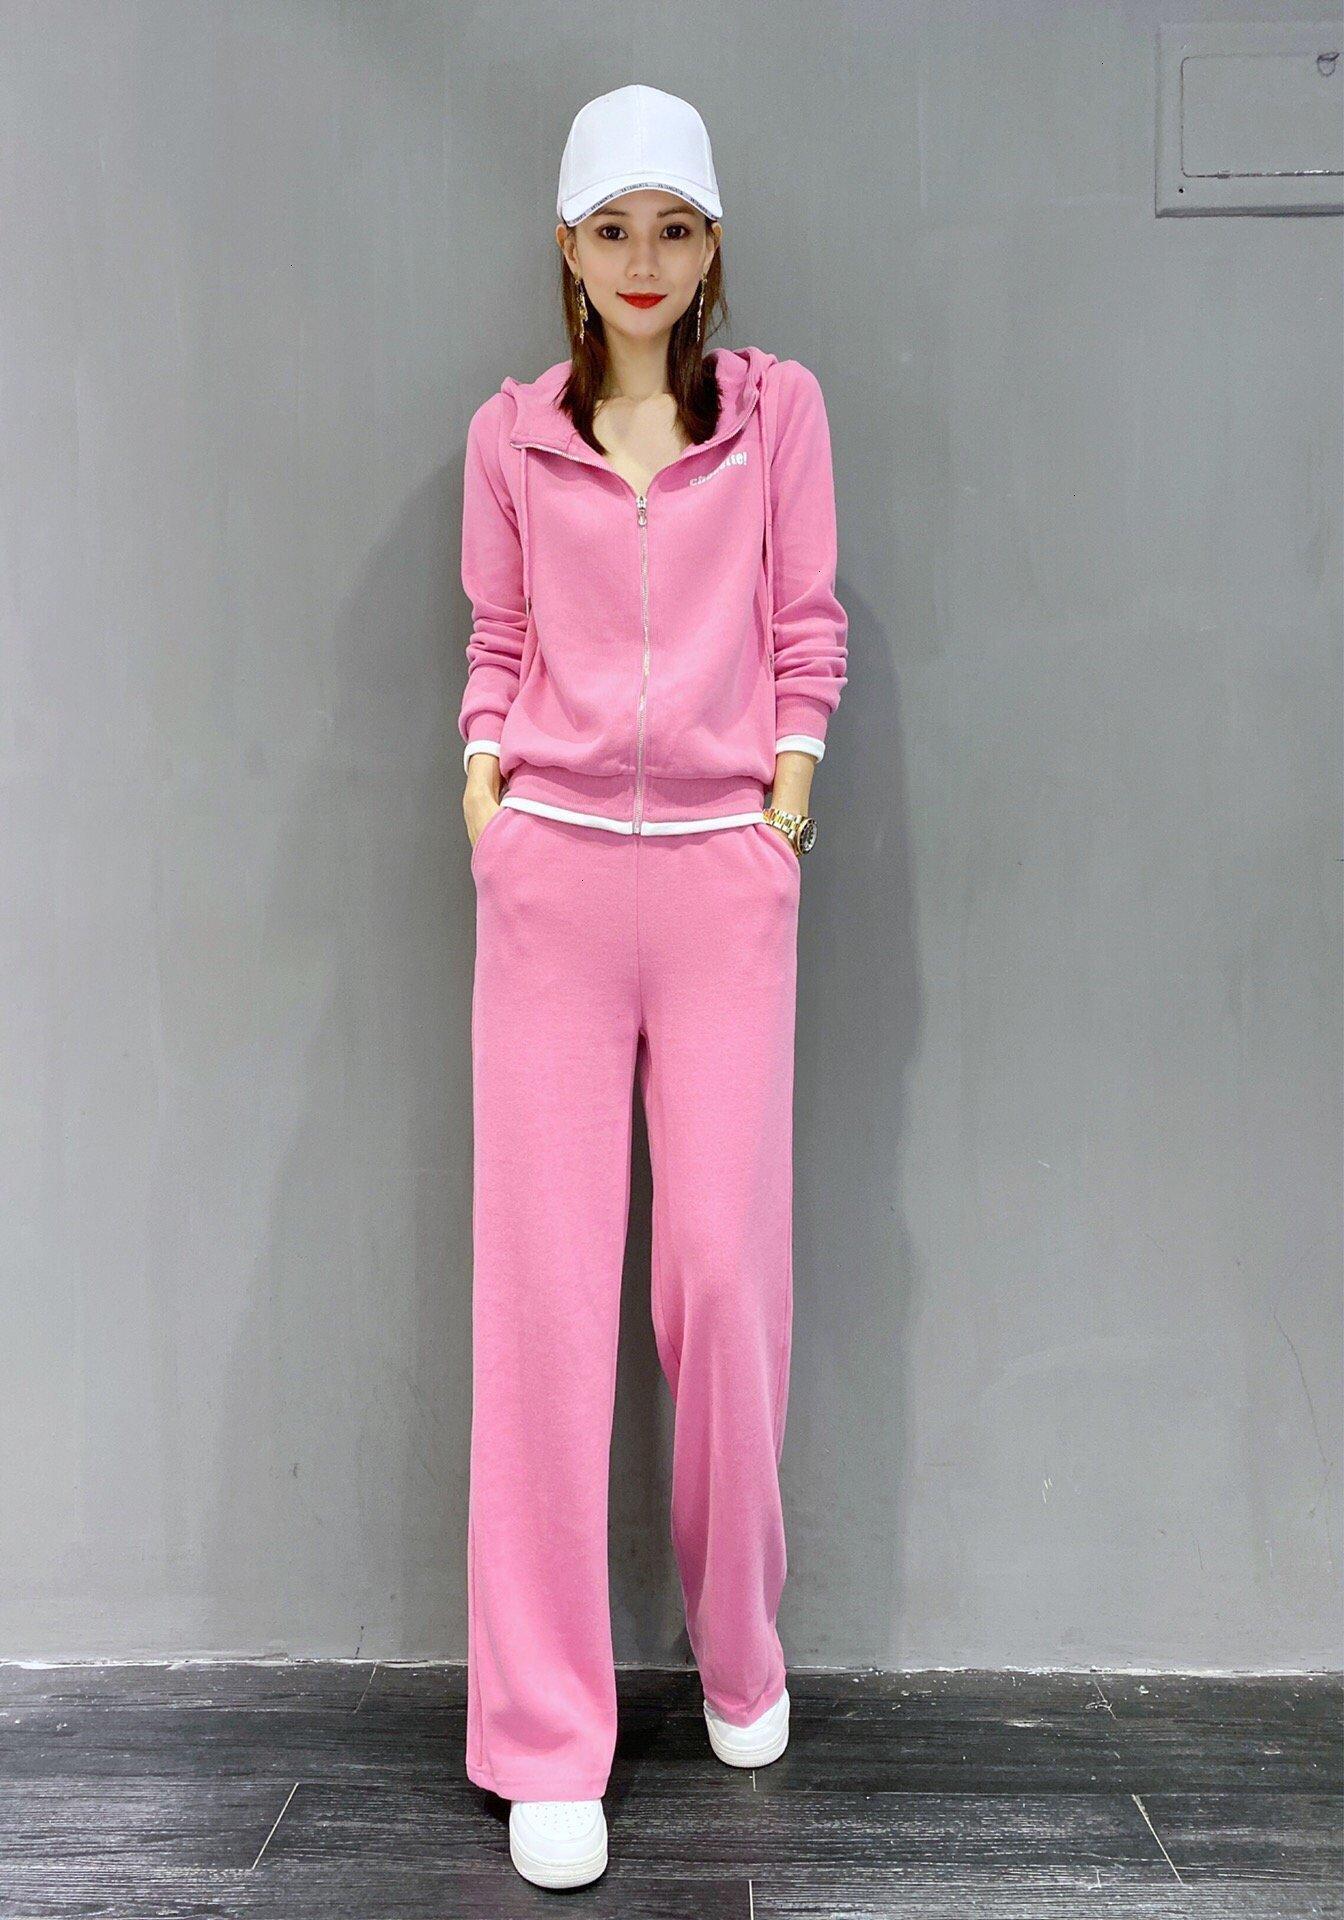 Designer Roupas de mulher mulheres duas peças roupas estilista favorito melhor correram melhor venda 2020 New elegante styleF7QLH5AWRKEQ moderna